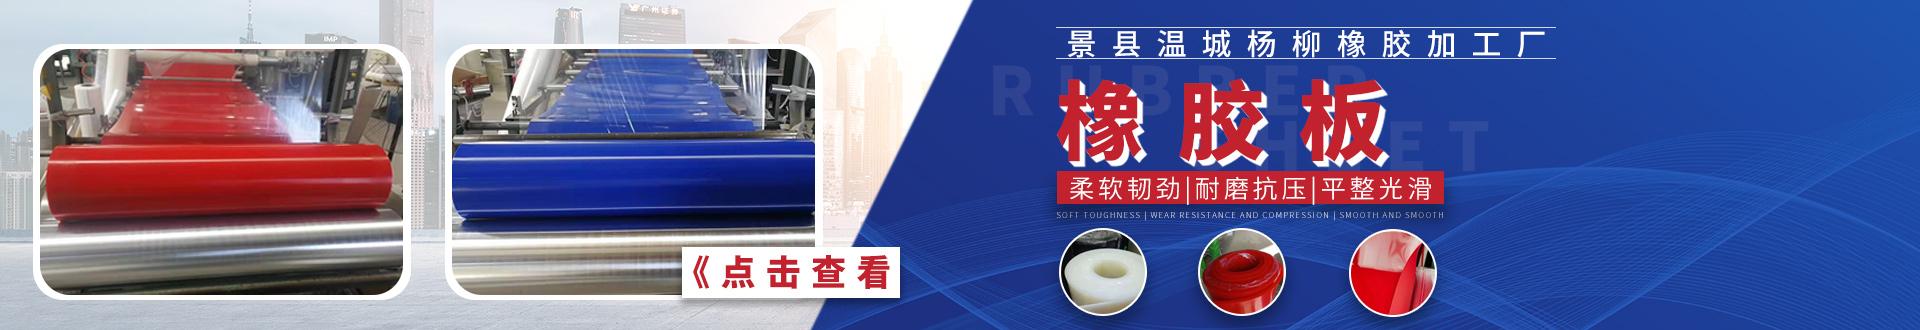 景县温城杨柳橡胶加工厂